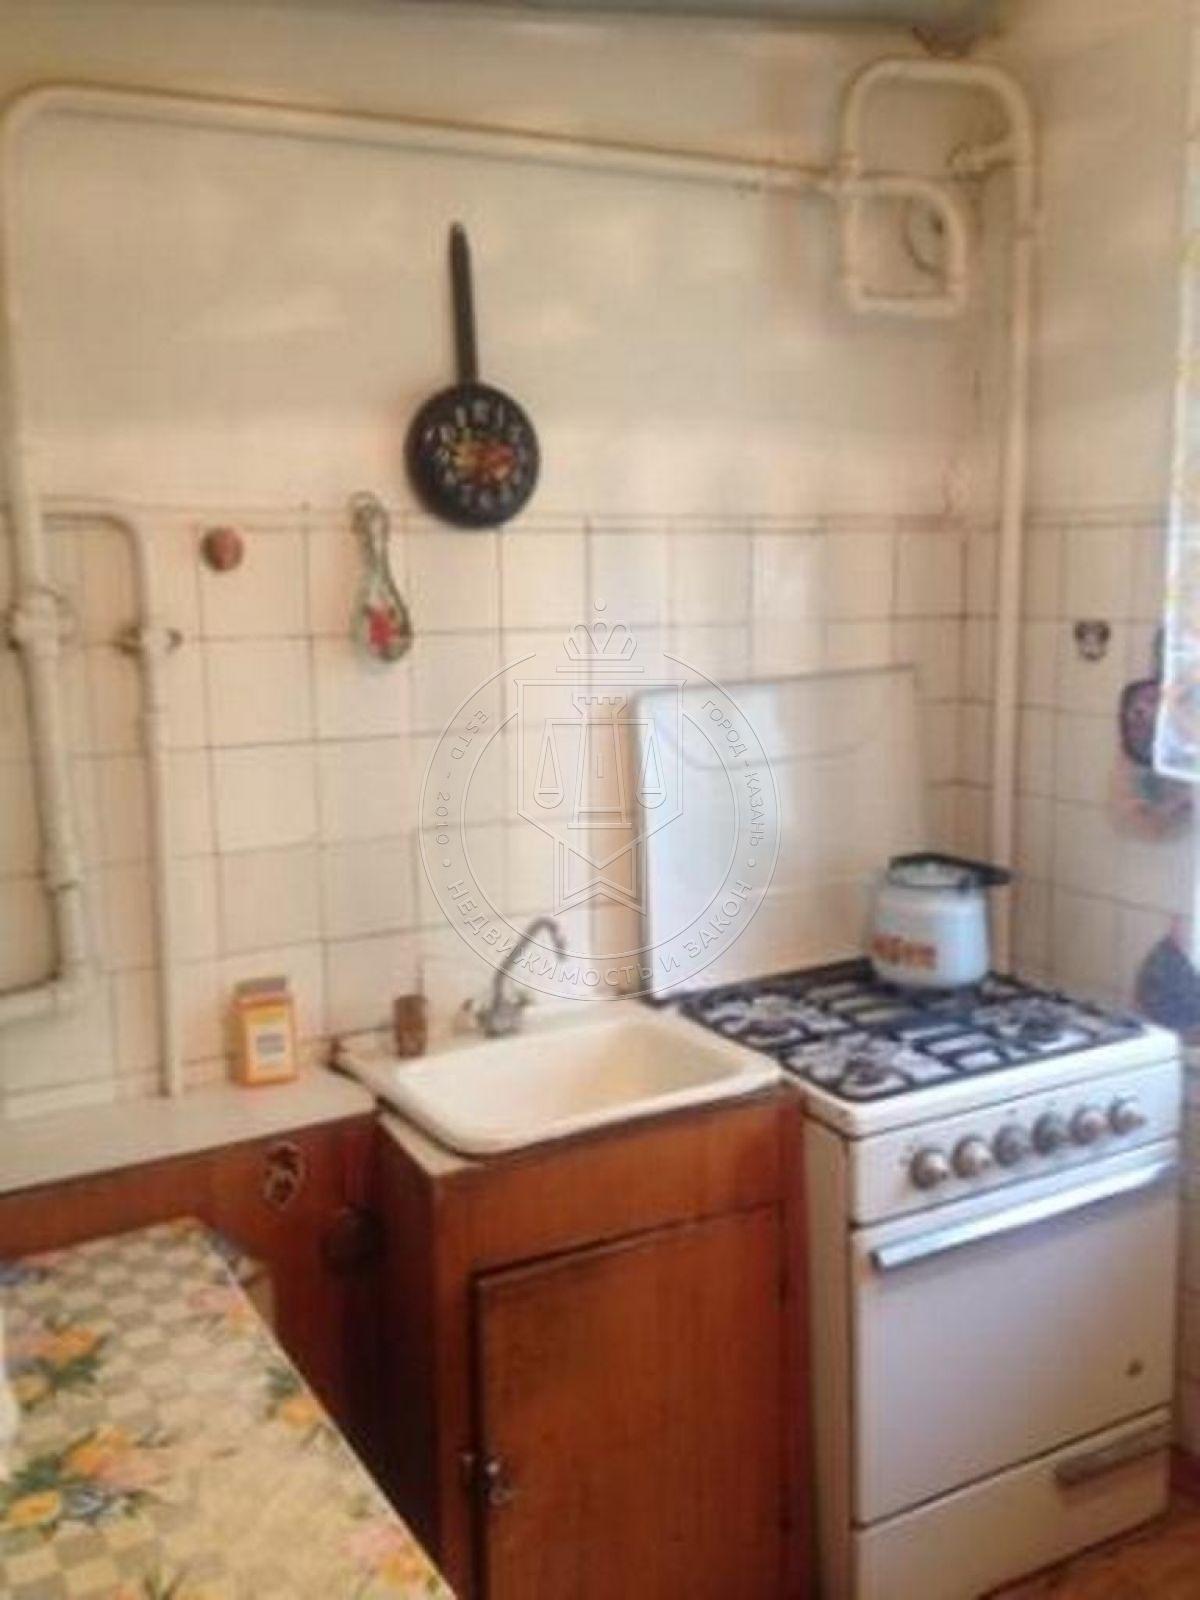 2-к квартира, 45 м², 5/5 эт., Кирпичникова, 10 (миниатюра №2)